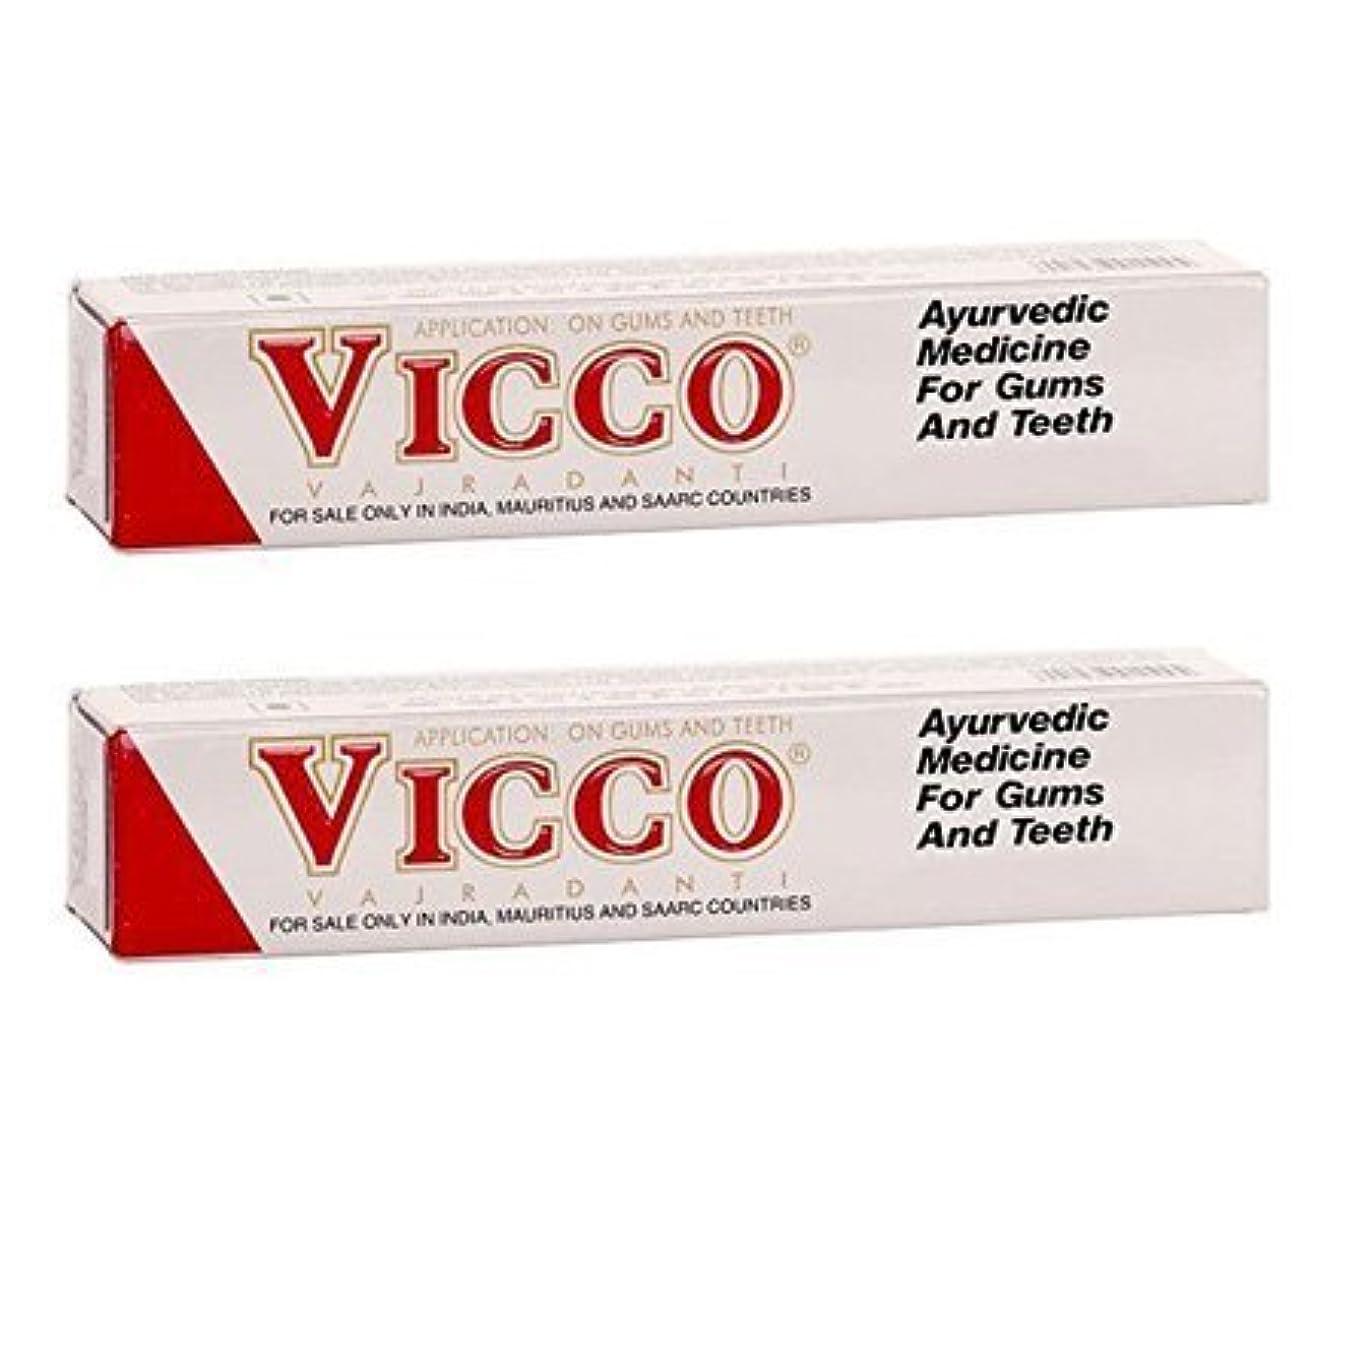 手足コンデンサー雇ったBuycrafty Ayurvedic Herbal Toothpaste 100gm (Pack of 2) Vicco vajradanti Free 2 Dental Floss Toothpicks